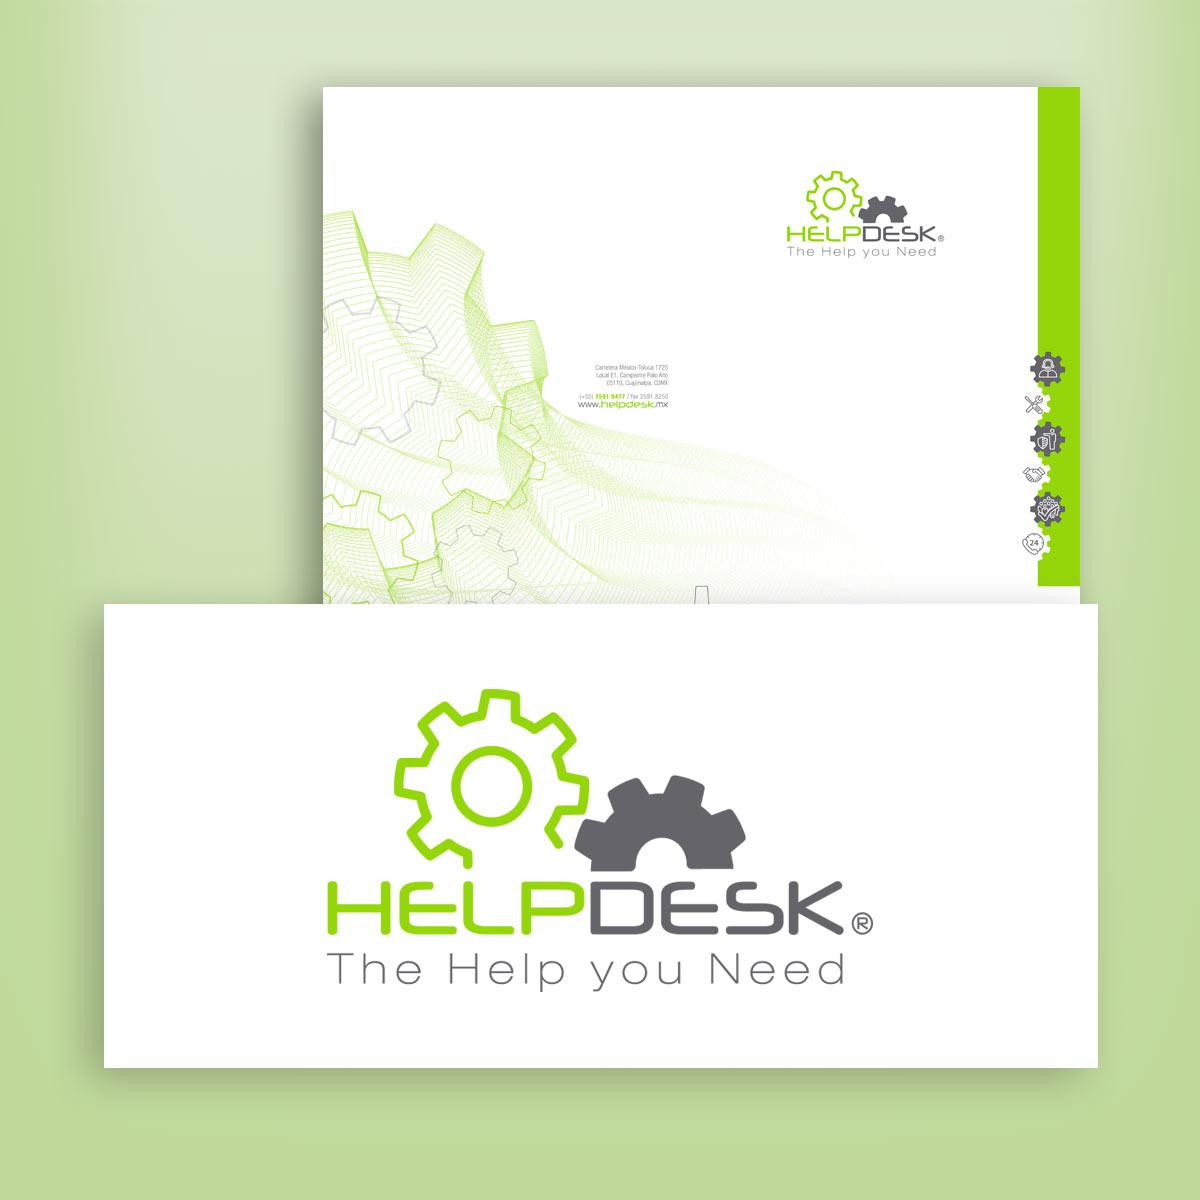 diseño de logotipo y papelería Helpdesk